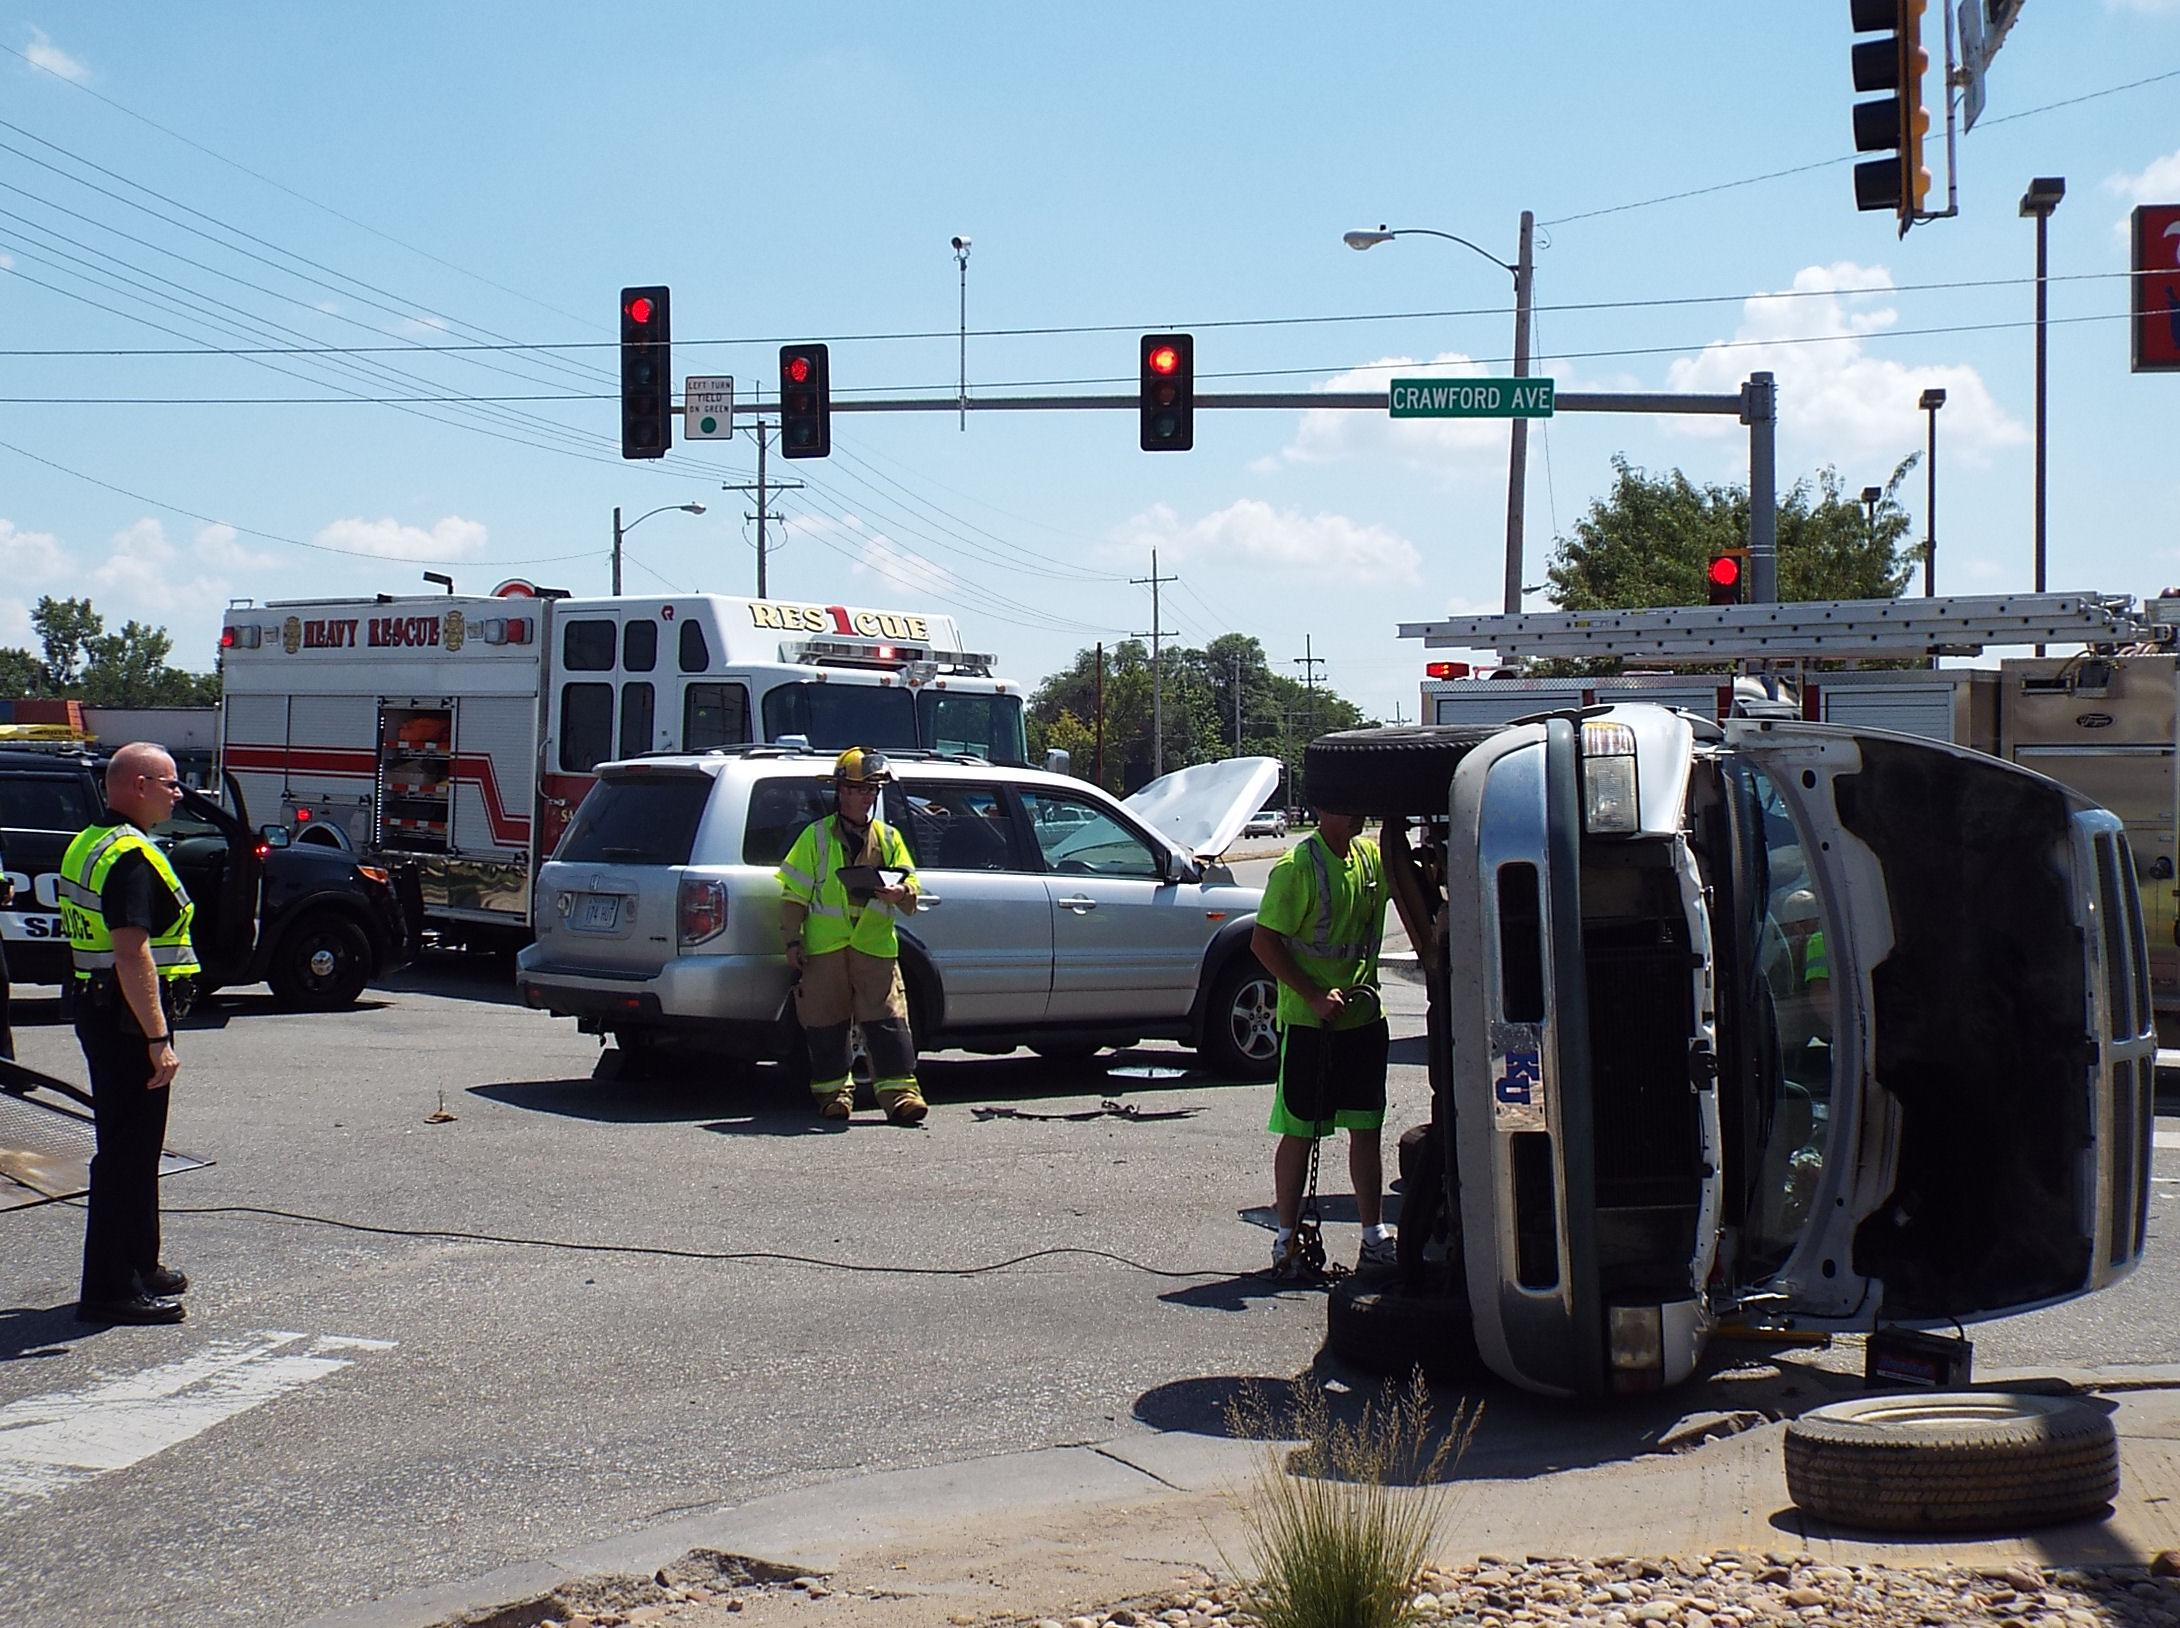 No One Hurt In Dramatic Three-Vehicle Crash